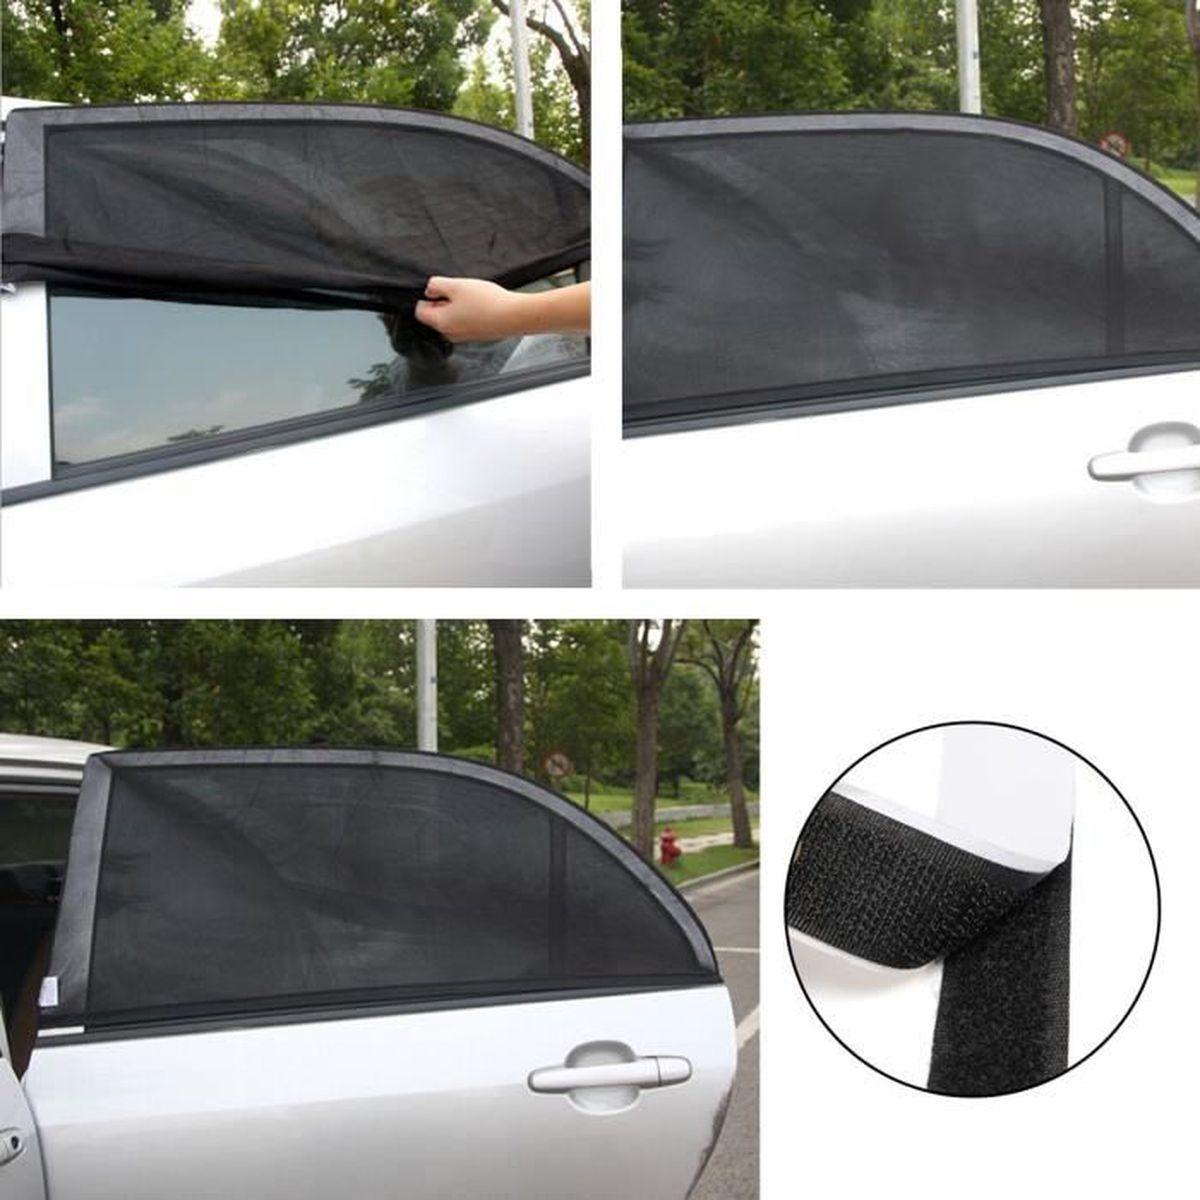 Pare-Soleil de Voiture r/étractable Pare-Brise de Pare-Brise de Voiture Protection Anti-UV de fen/être MEGAN Parasol de Pare-Brise de Voiture